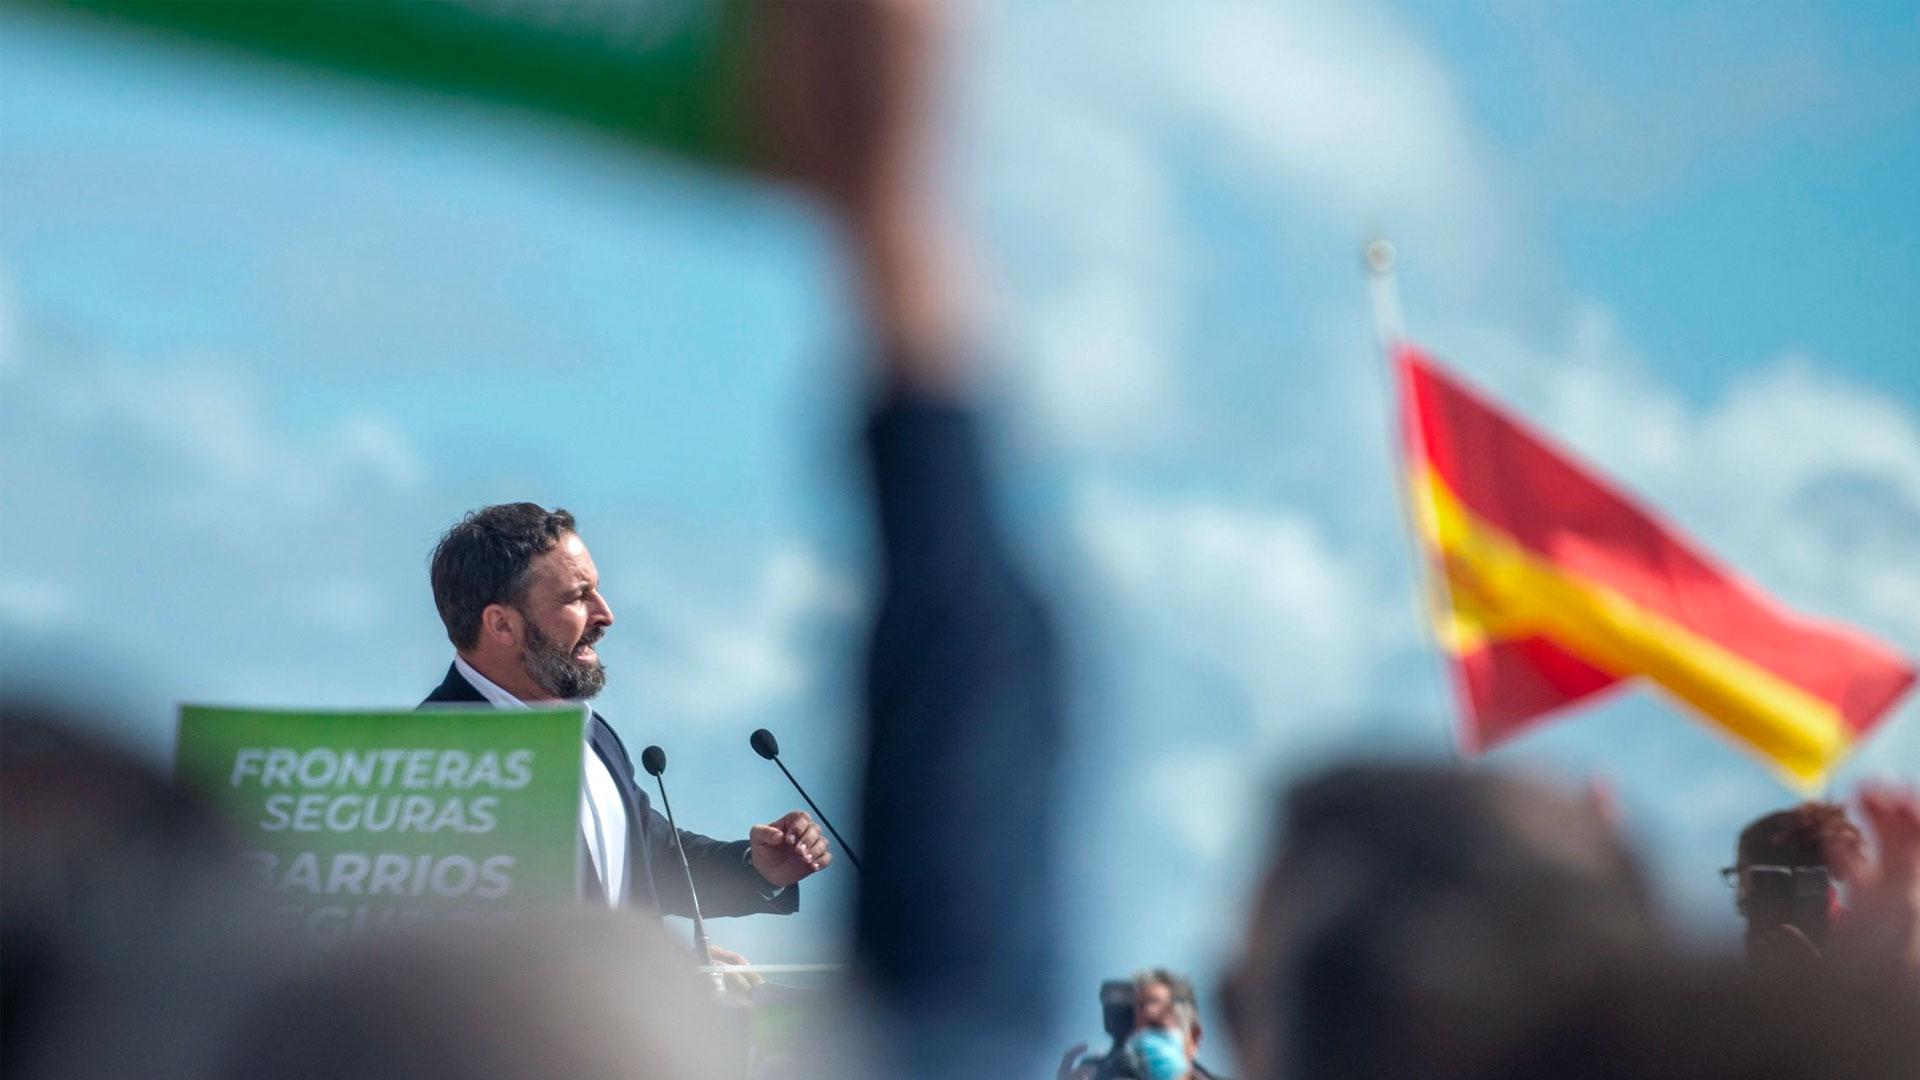 Santiago Abascal en un mitin con el título 'Fronteras seguras'